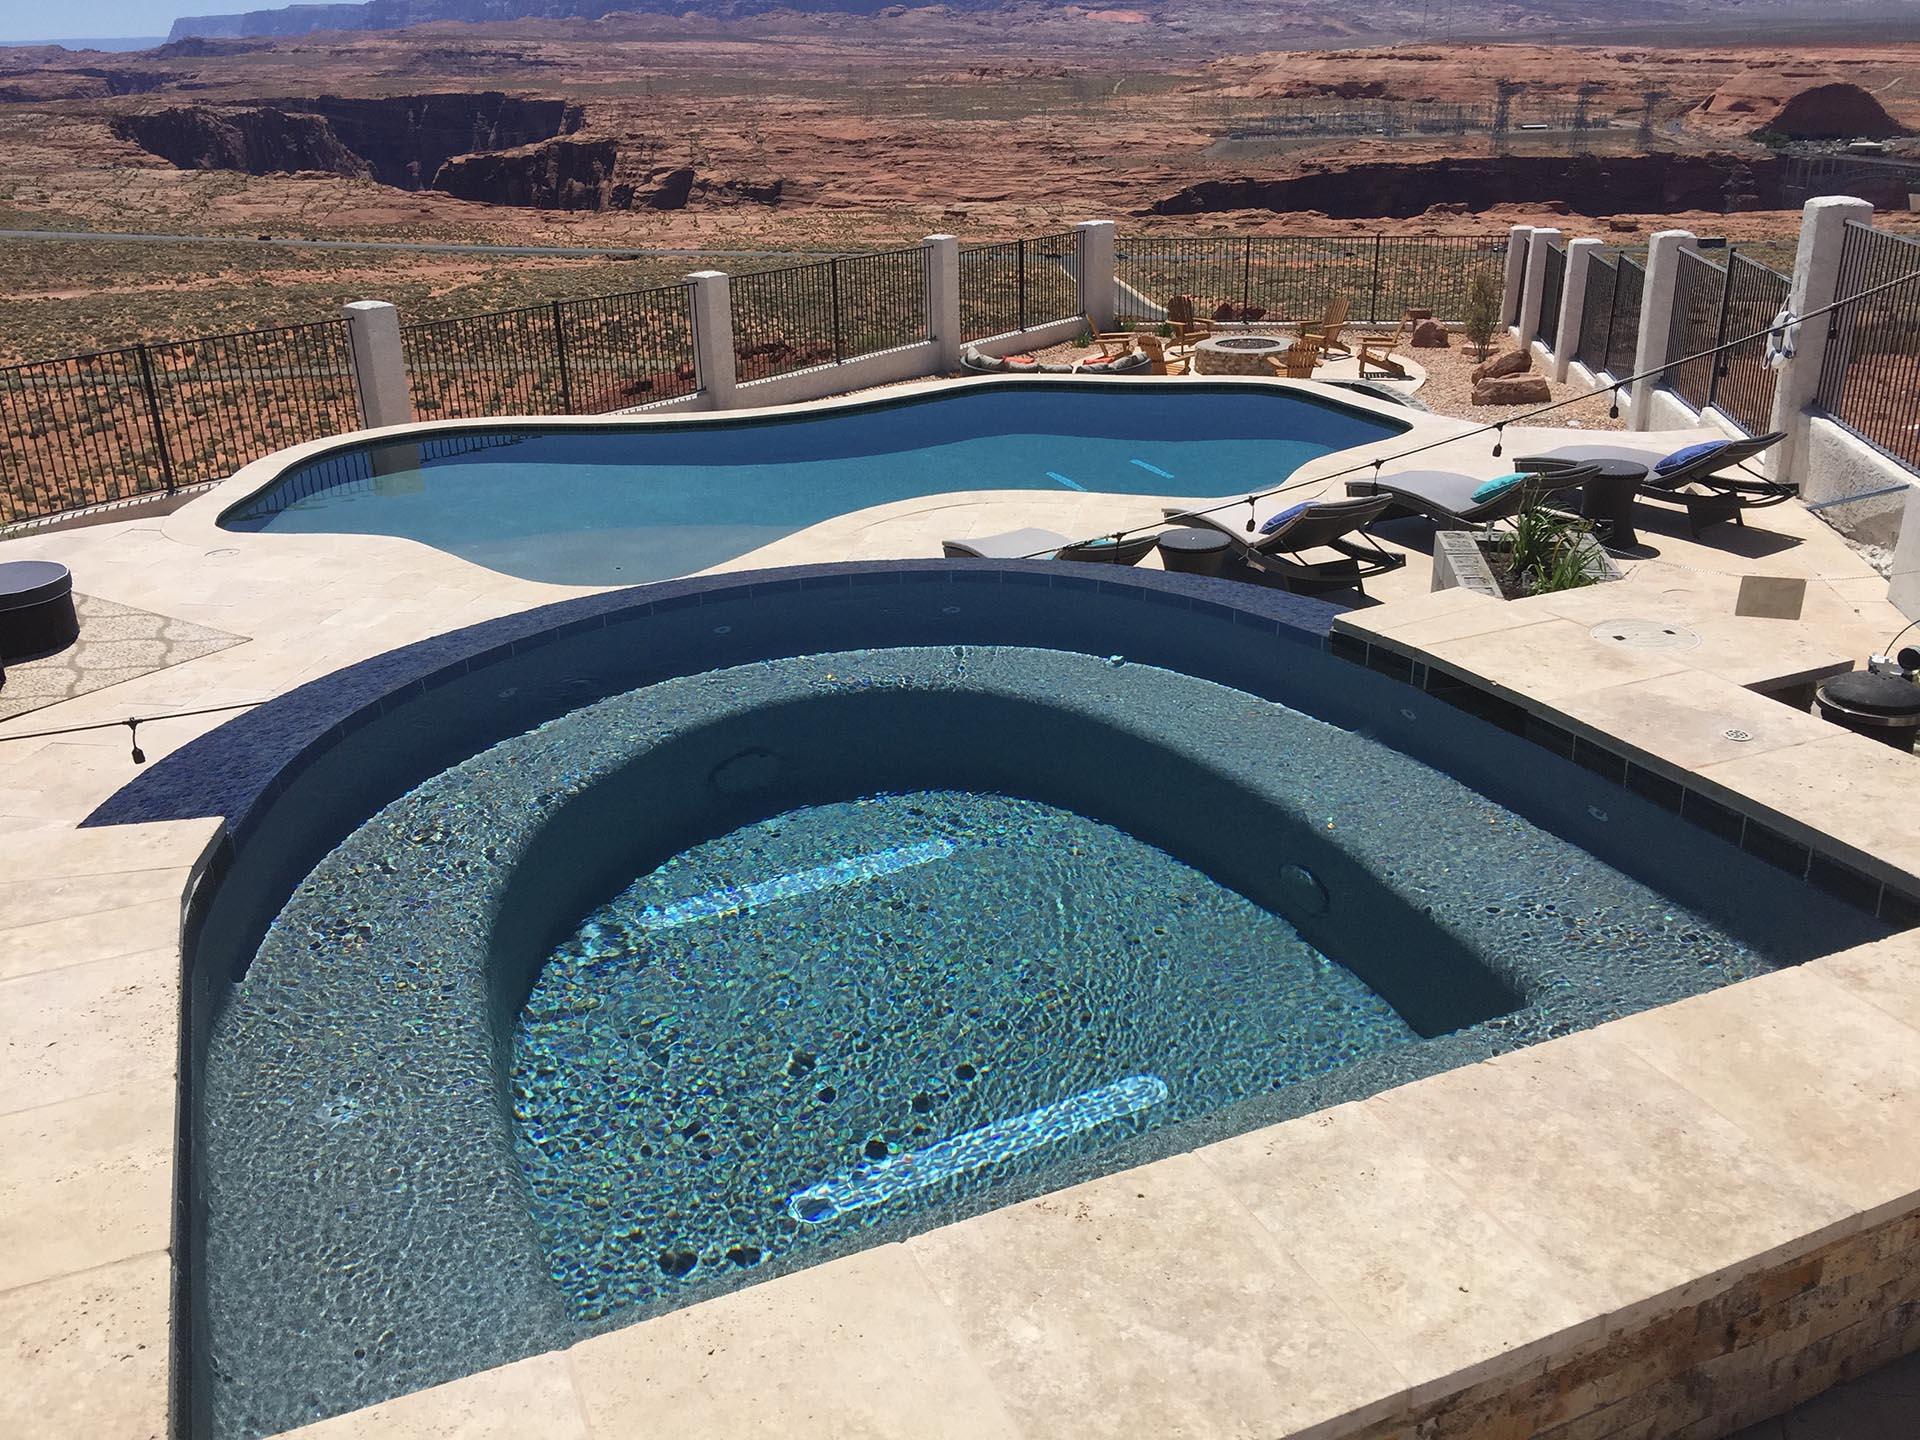 Gooch Pool Plastering Services